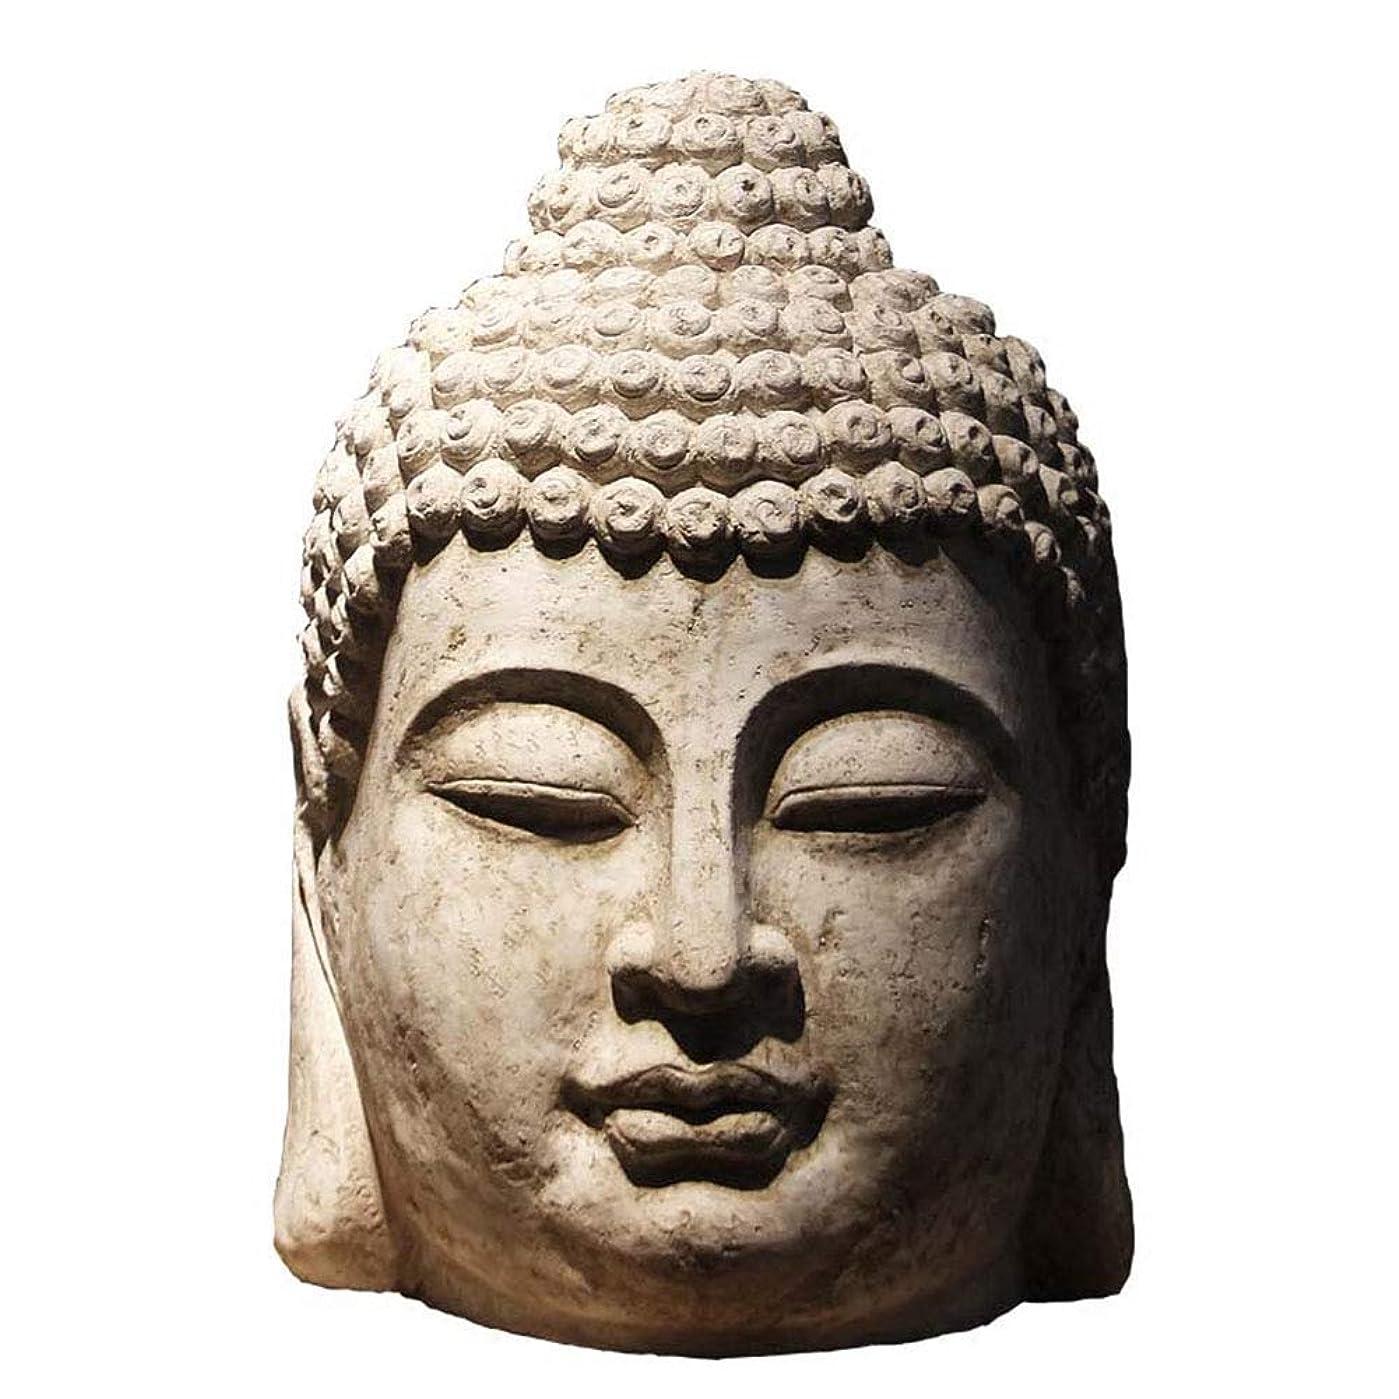 アジア人開梱唇GWM ラッキービッグオーナメントオープニングギフト仏陀仏像仏頭の装飾品リビングルームクラブ風水禅家具40cm * 36cm * 63cm